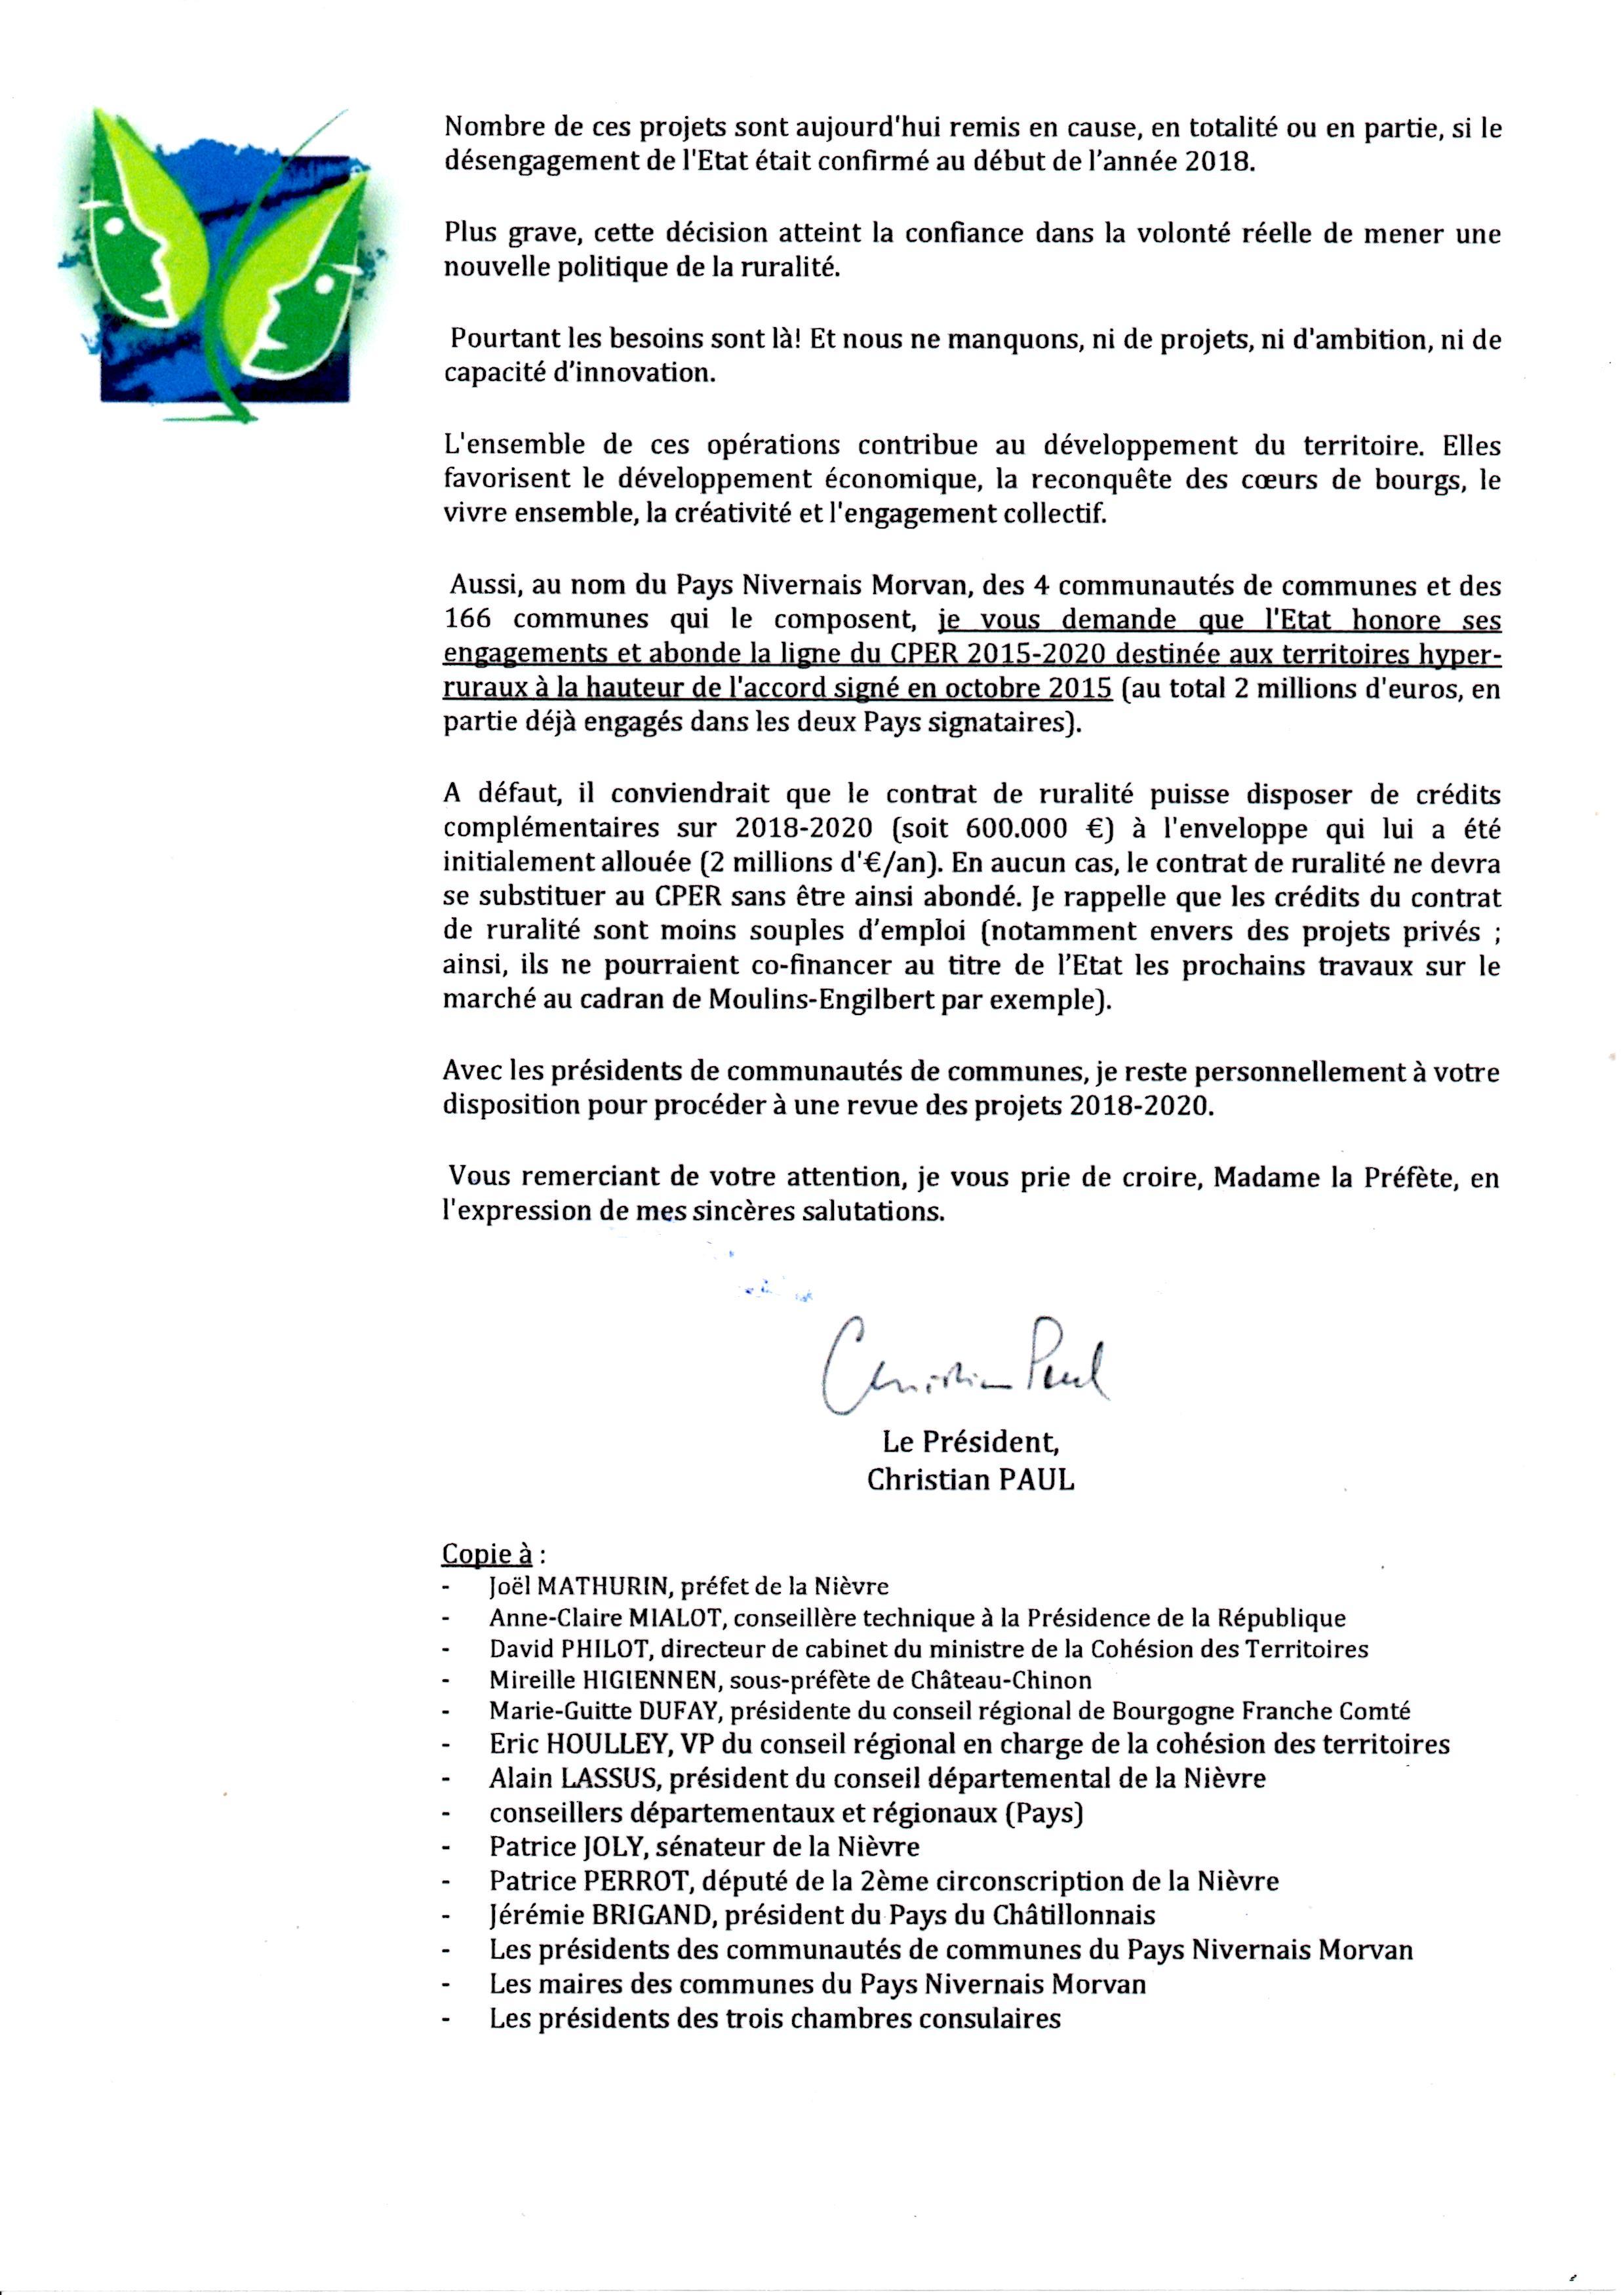 20171207-lettre C.Paul à Prefet Region-2-